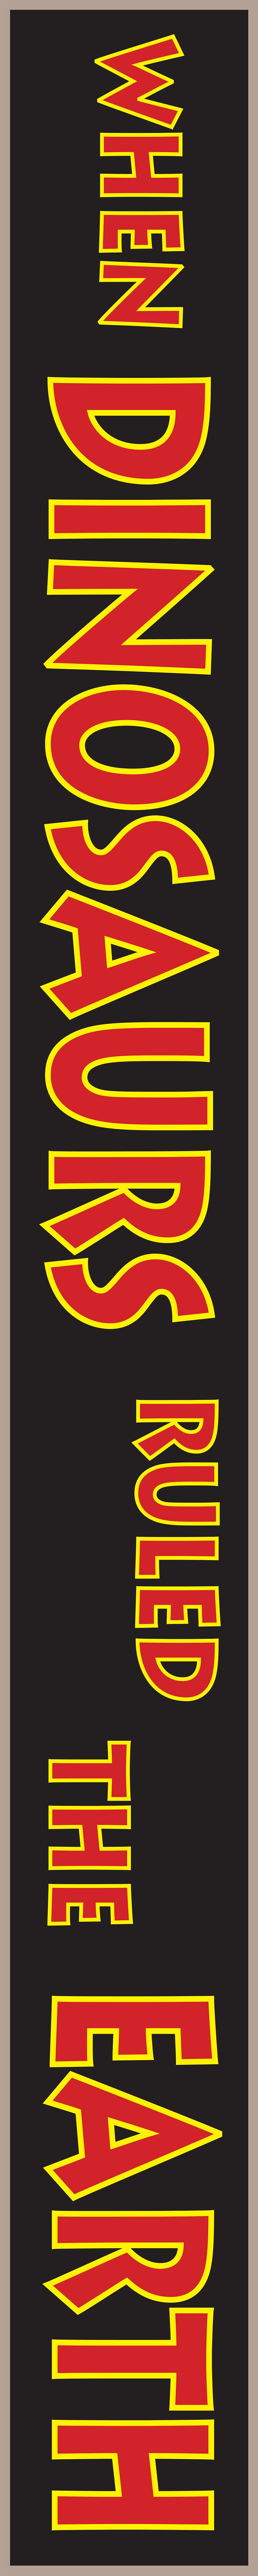 Banner_Vorlage.indd